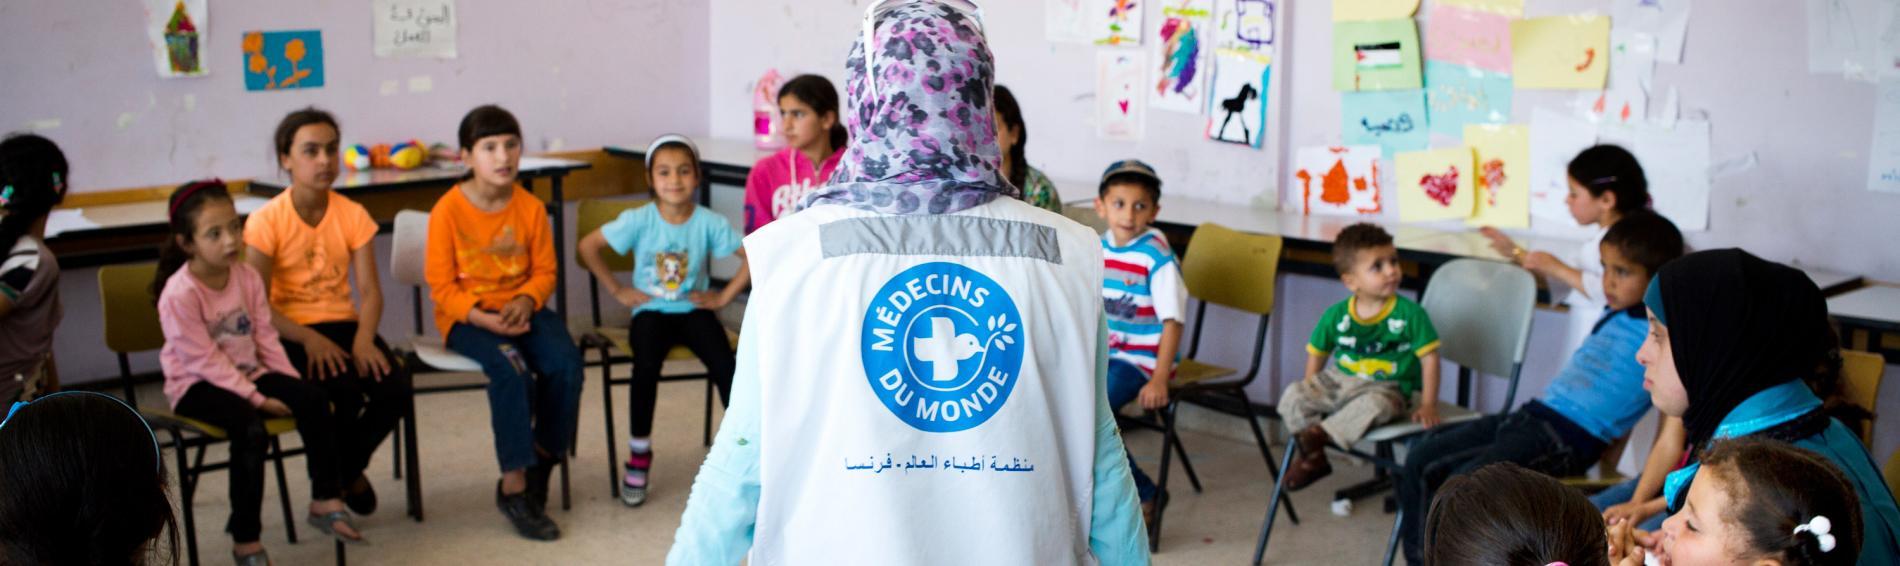 Mental Health Programm für traumatisierte und misshandelte Kinder. Foto: Bruno Fert